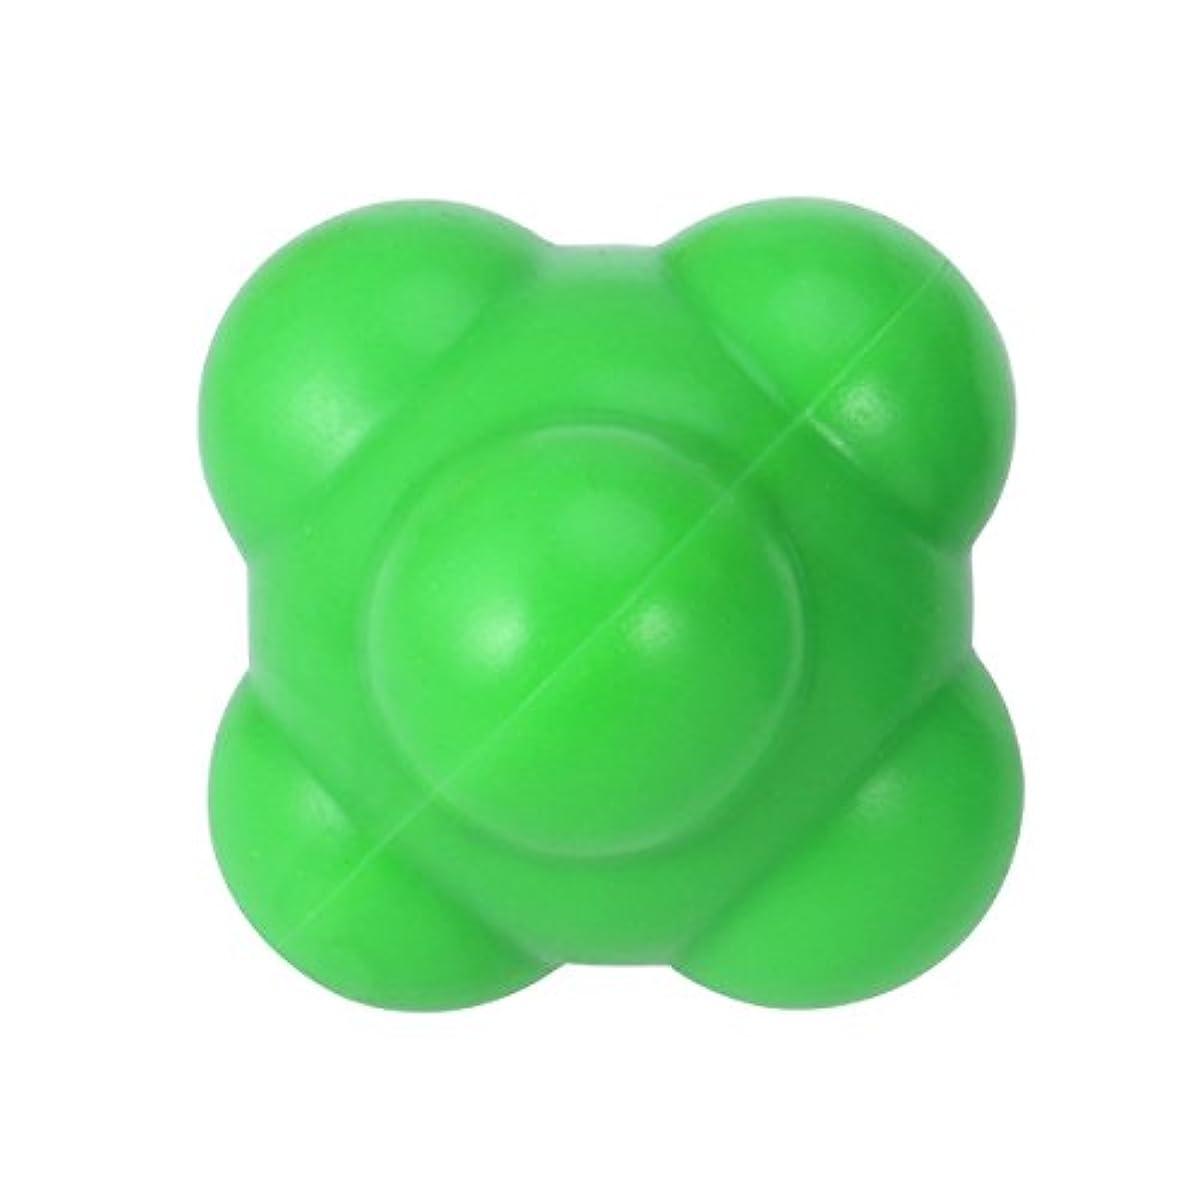 膨張する戻す留まるSUPVOX 反応ボール 敏捷性とスピードハンドアイ調整(グリーン)